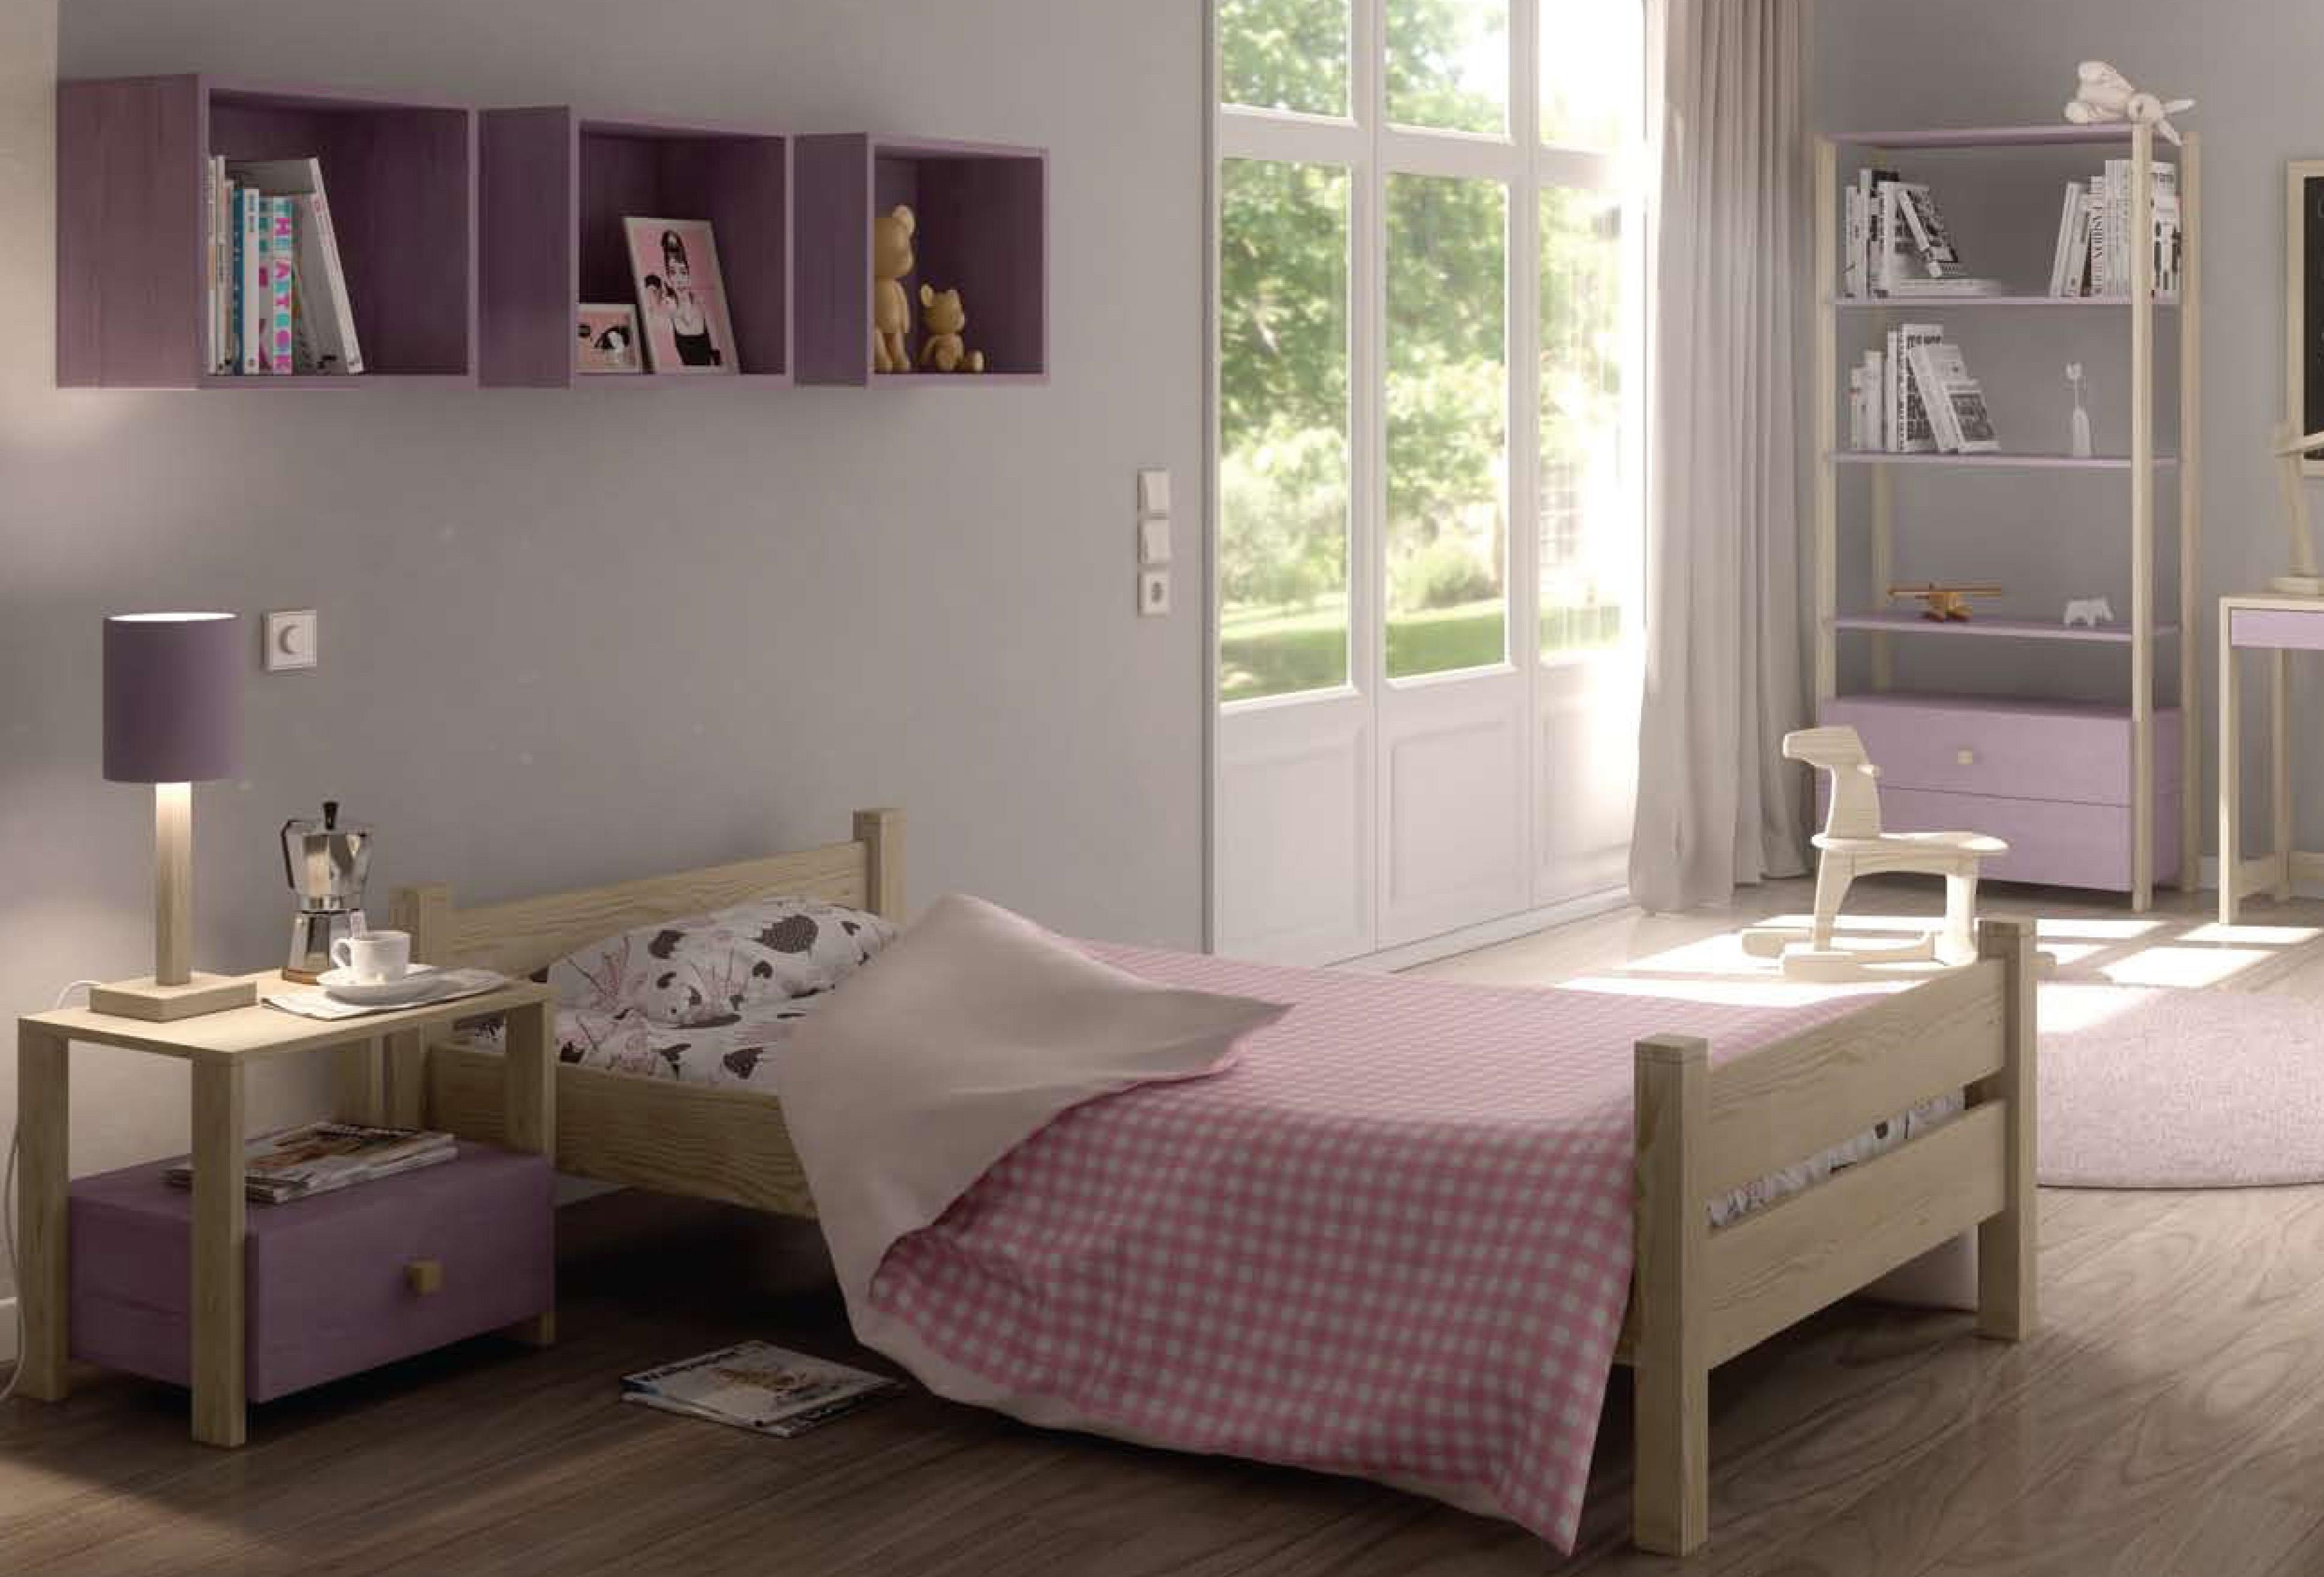 Ραντεβού με σιδερένια κρεβάτια